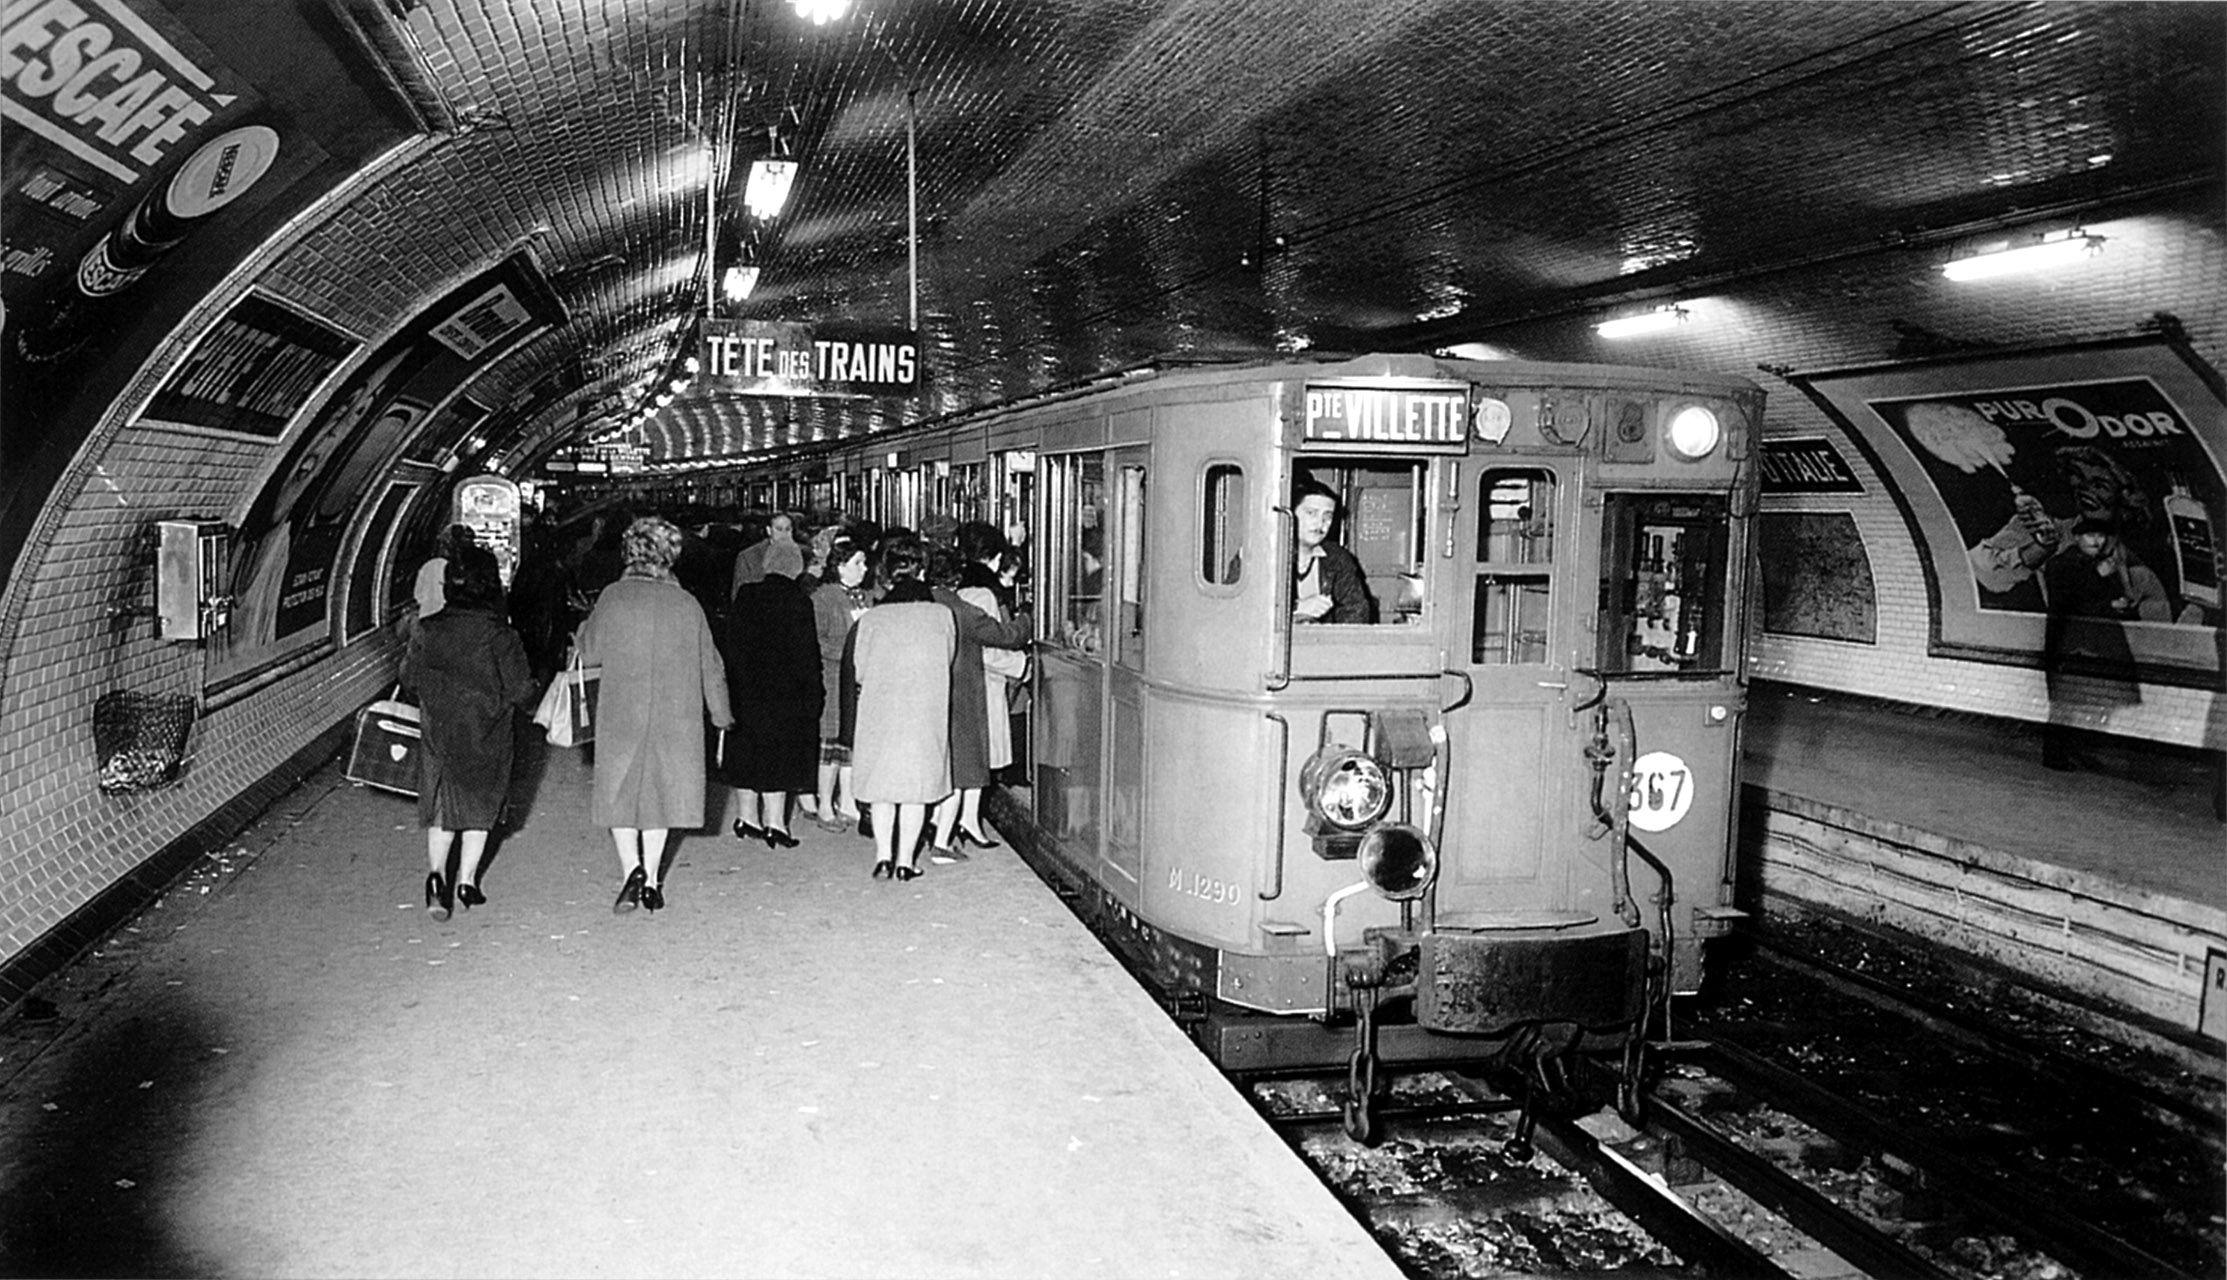 Metro de Paris Ligne 7 Porte d Italie. 1930 A World Ago